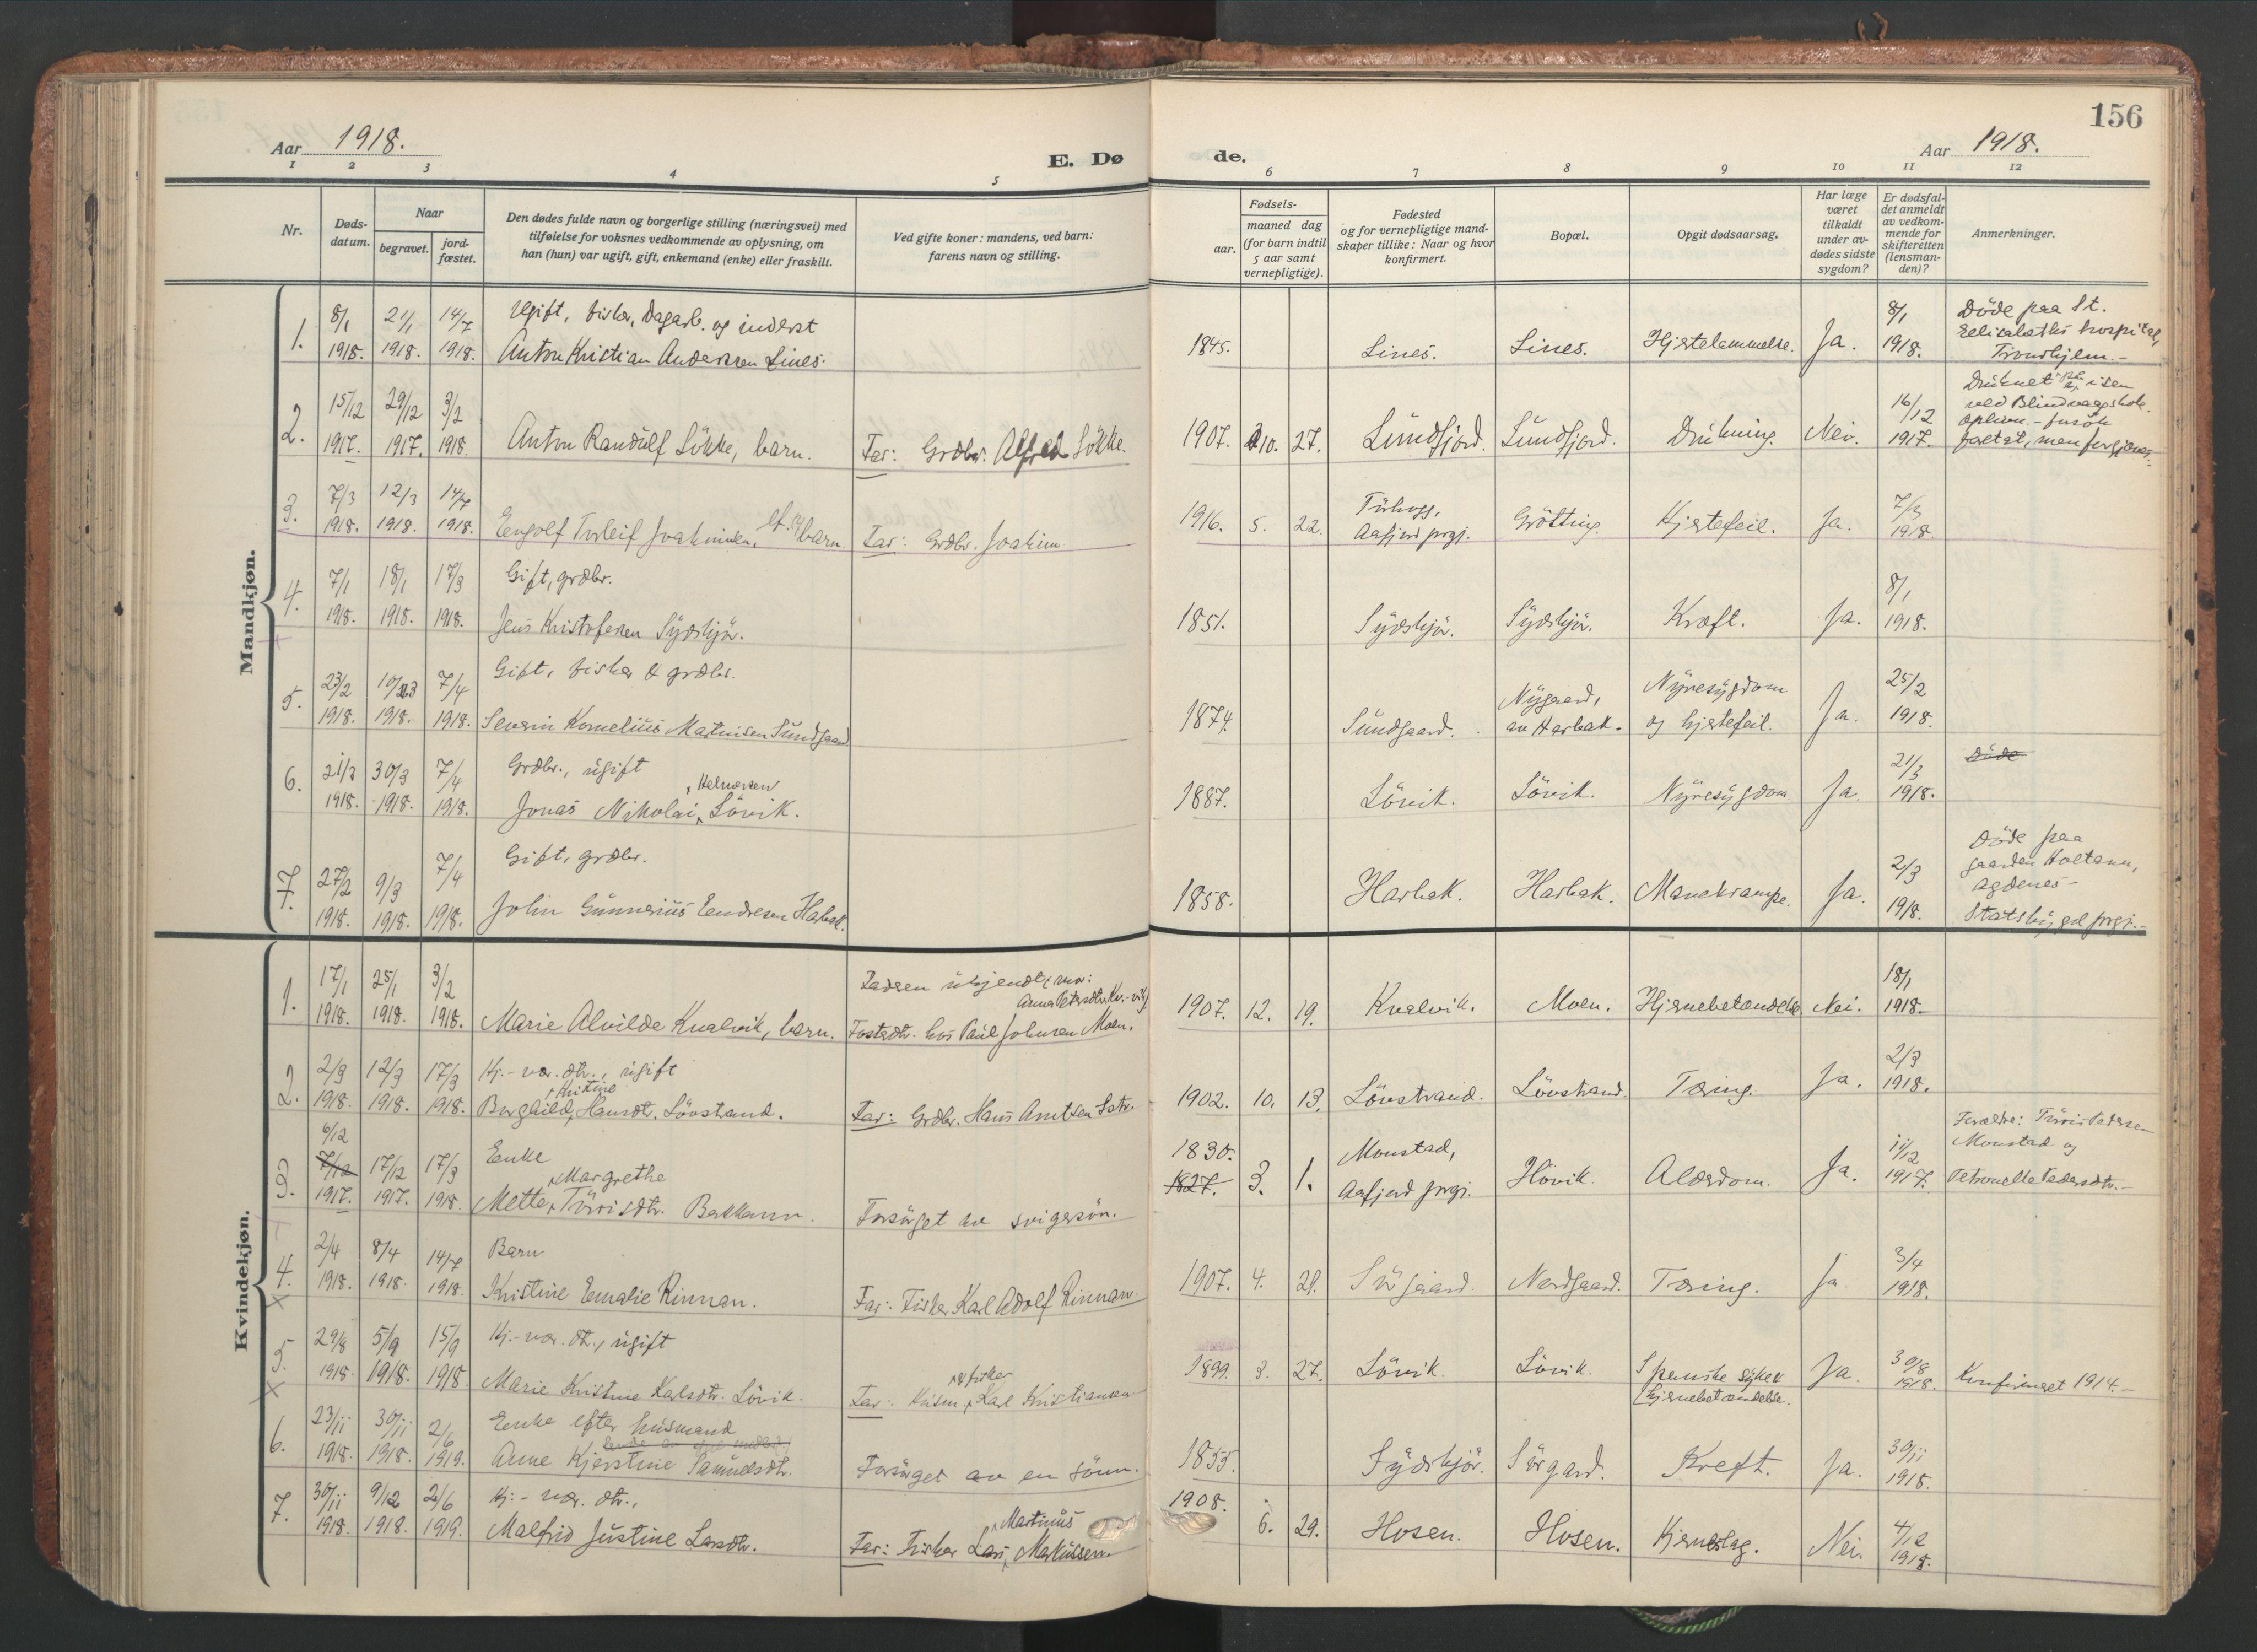 SAT, Ministerialprotokoller, klokkerbøker og fødselsregistre - Sør-Trøndelag, 656/L0694: Ministerialbok nr. 656A03, 1914-1931, s. 156